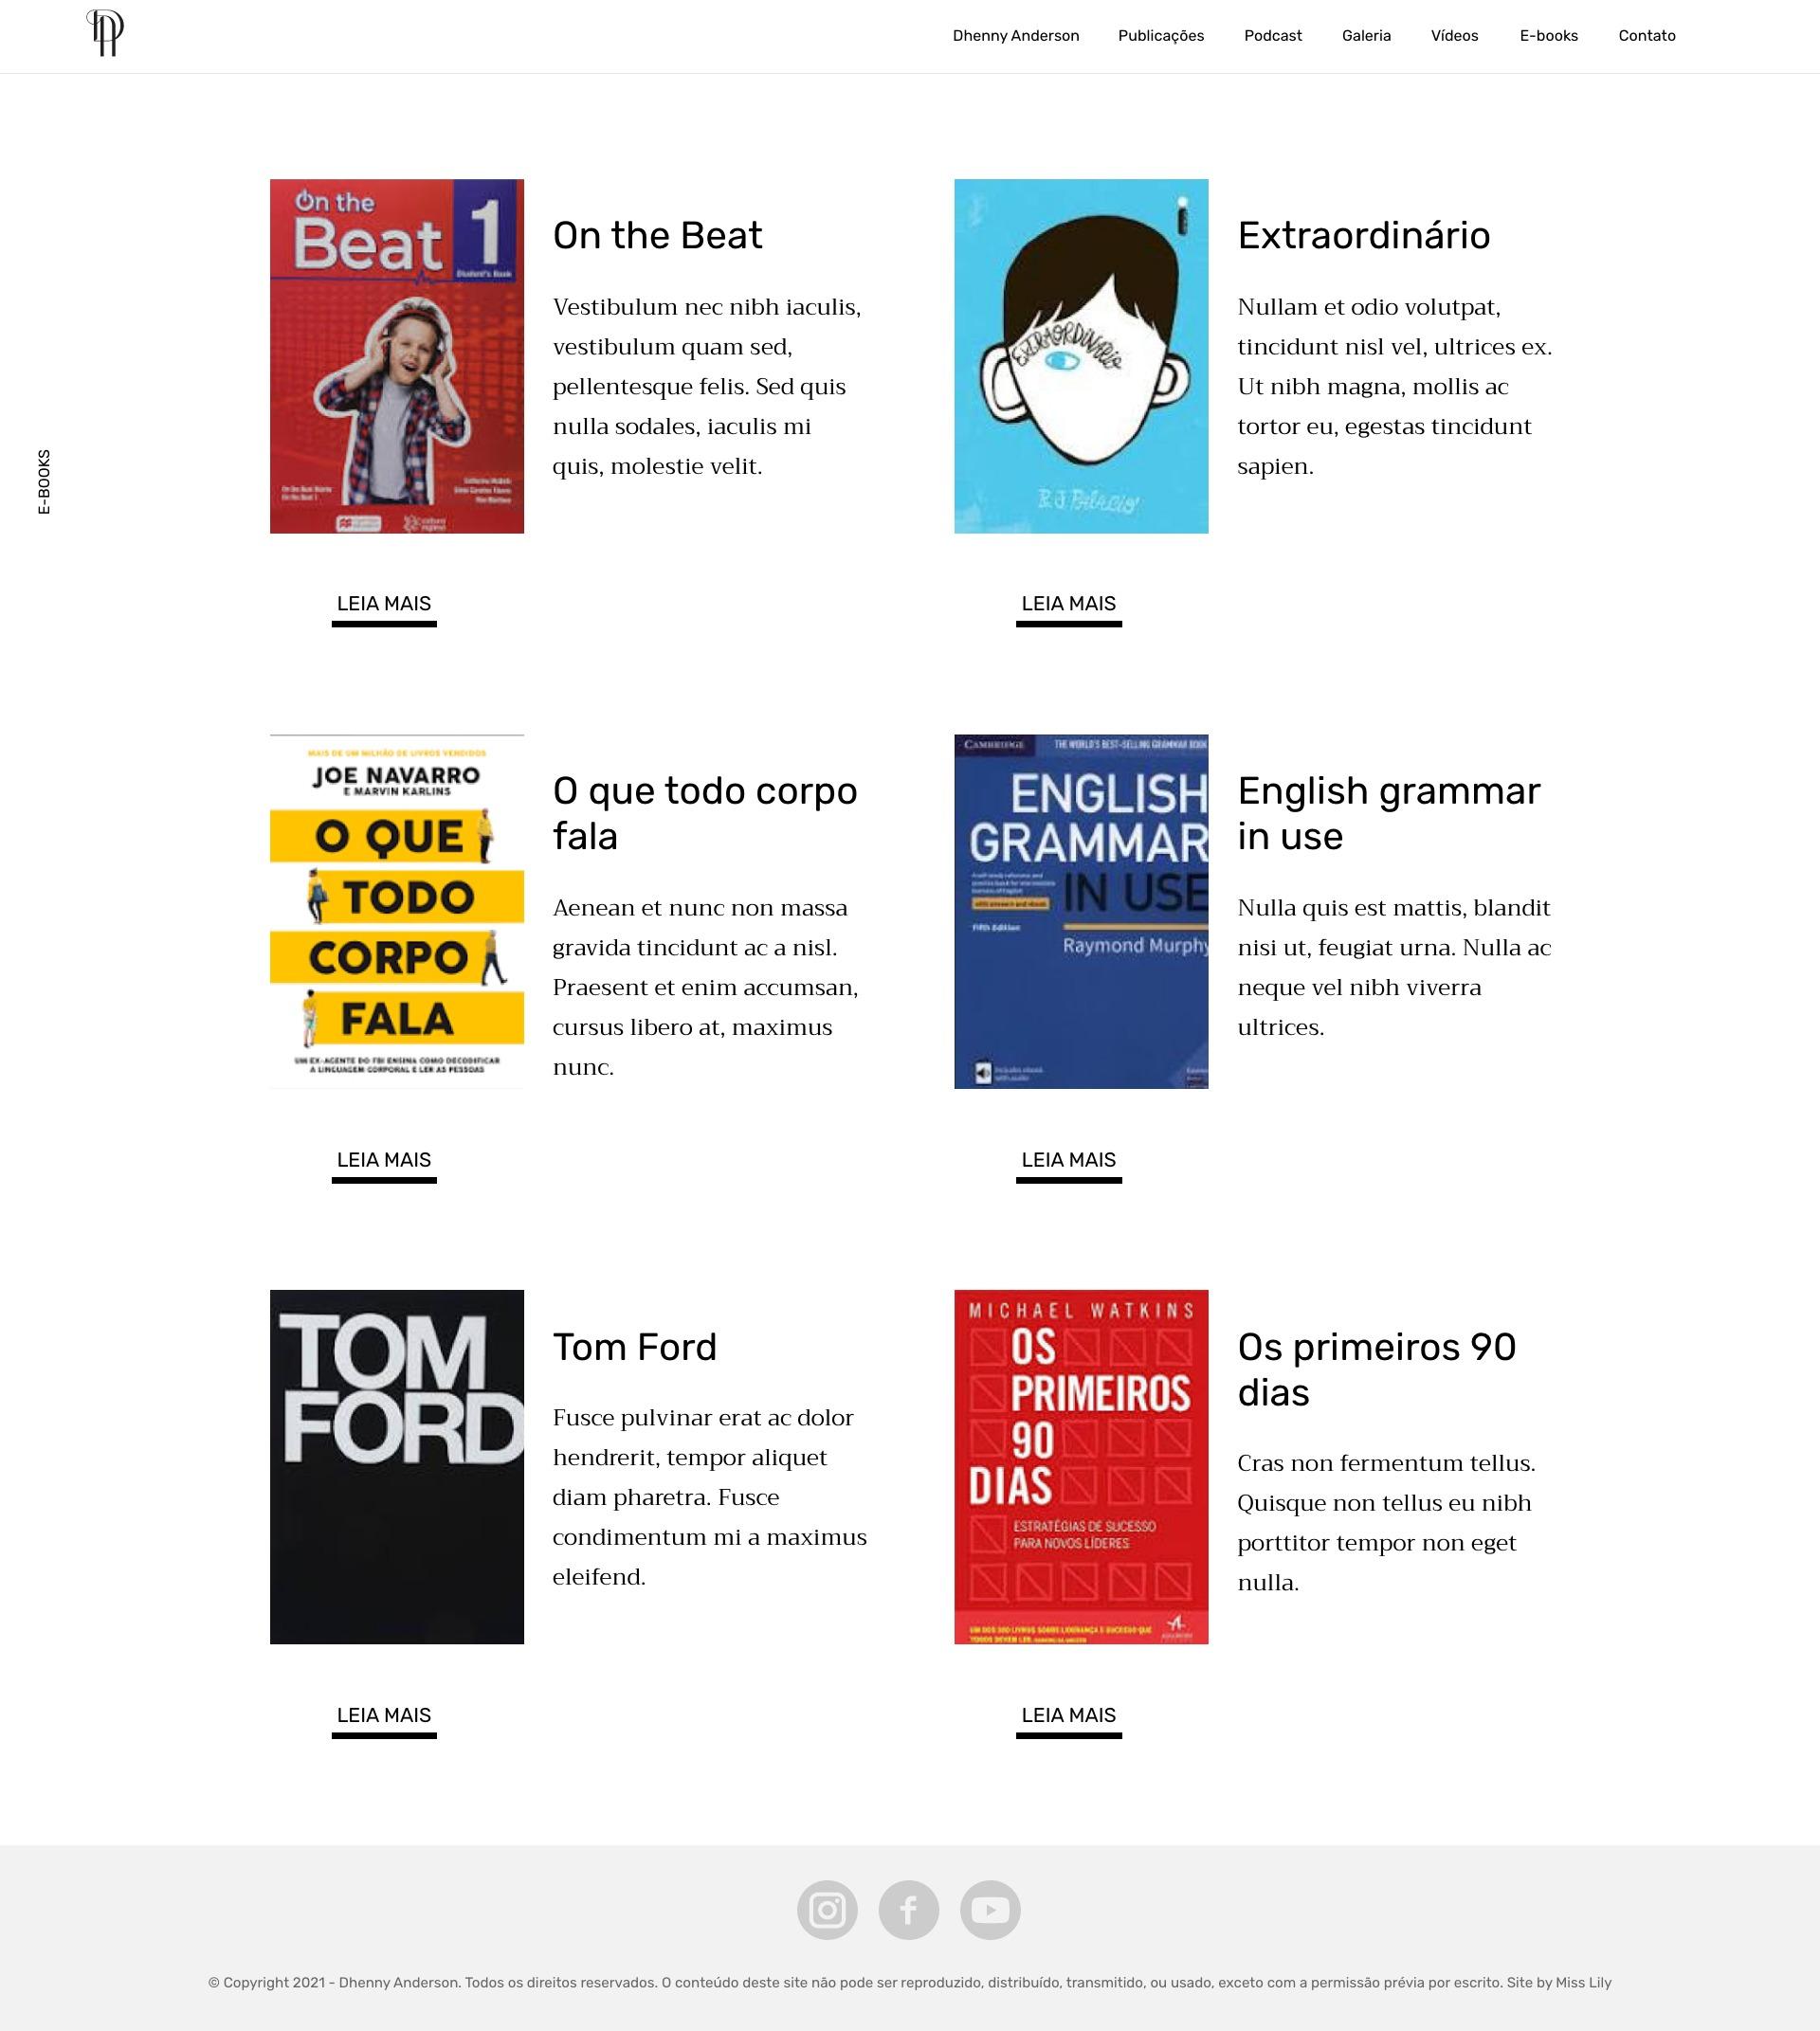 Arquivo E-Books - Dhenny Anderson